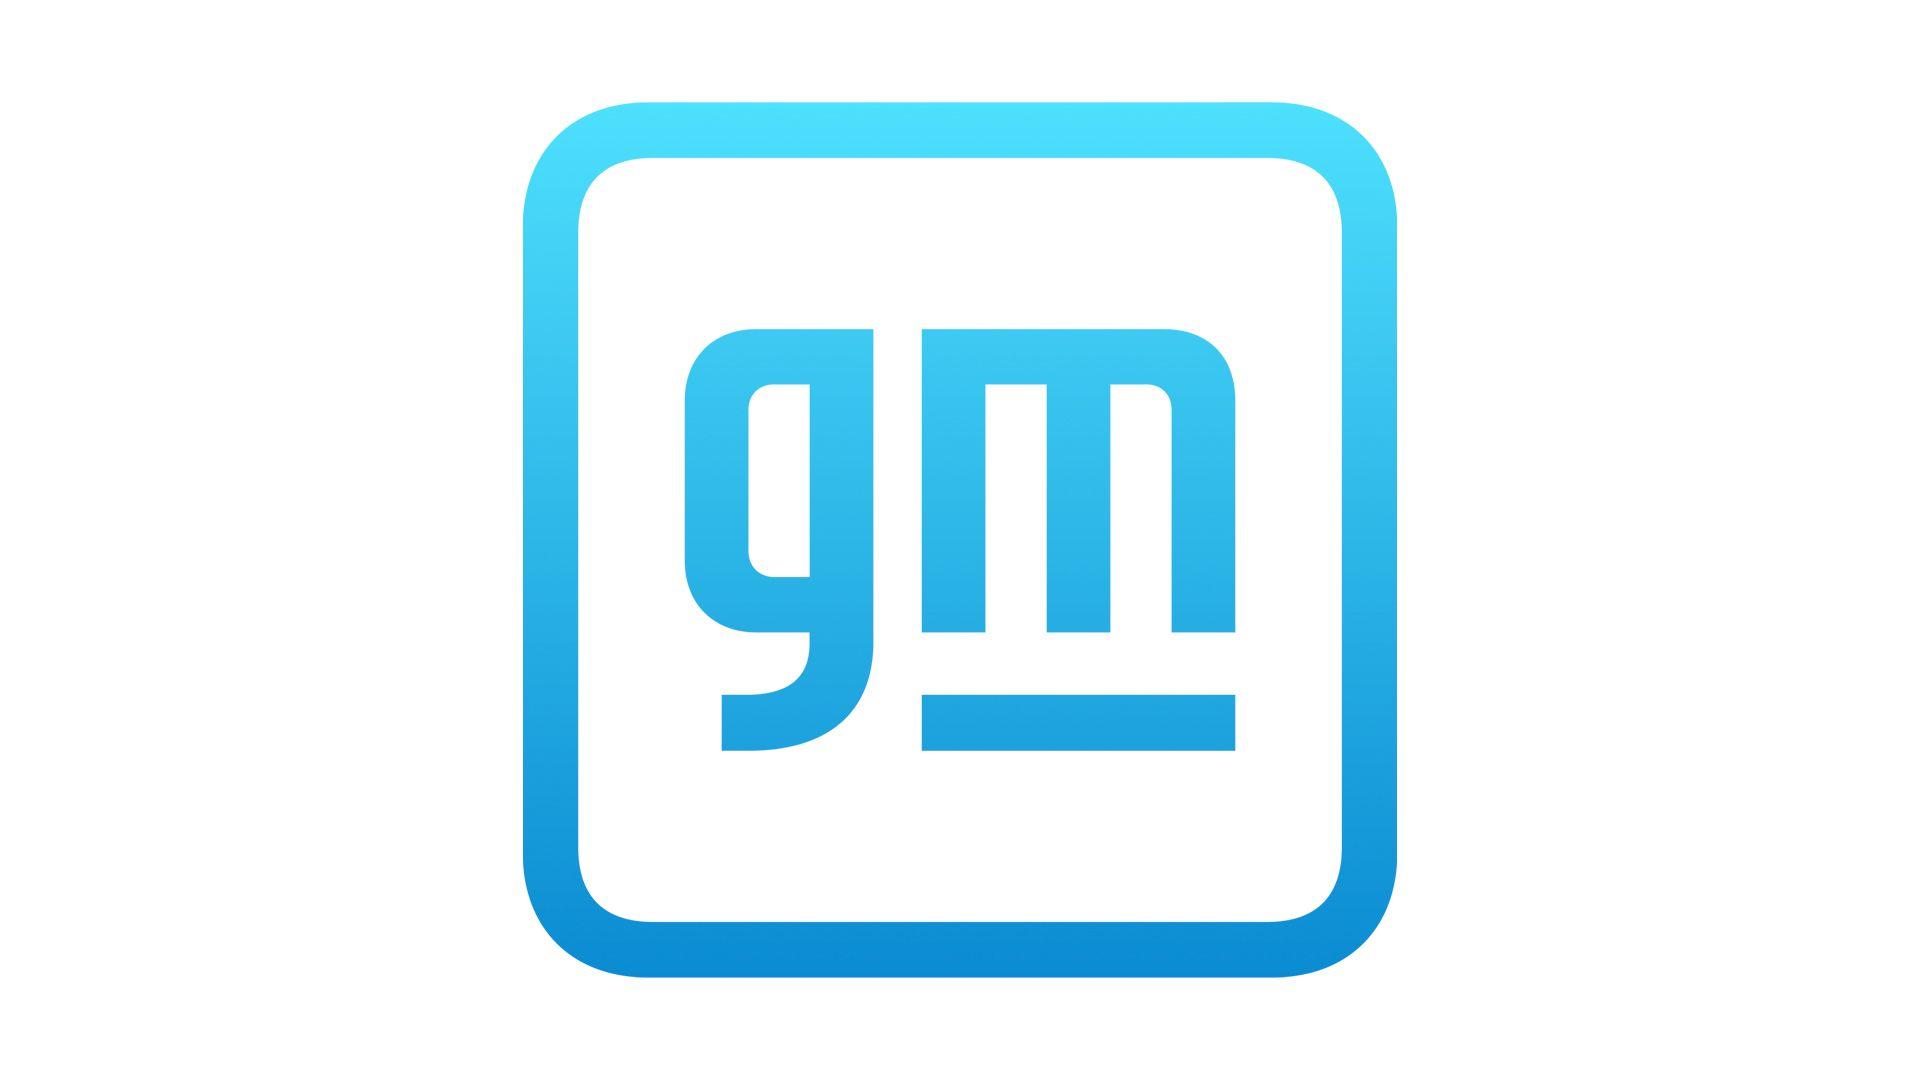 GM、米国に電池工場2カ所新設 EVや自動運転の投資350億ドルへ